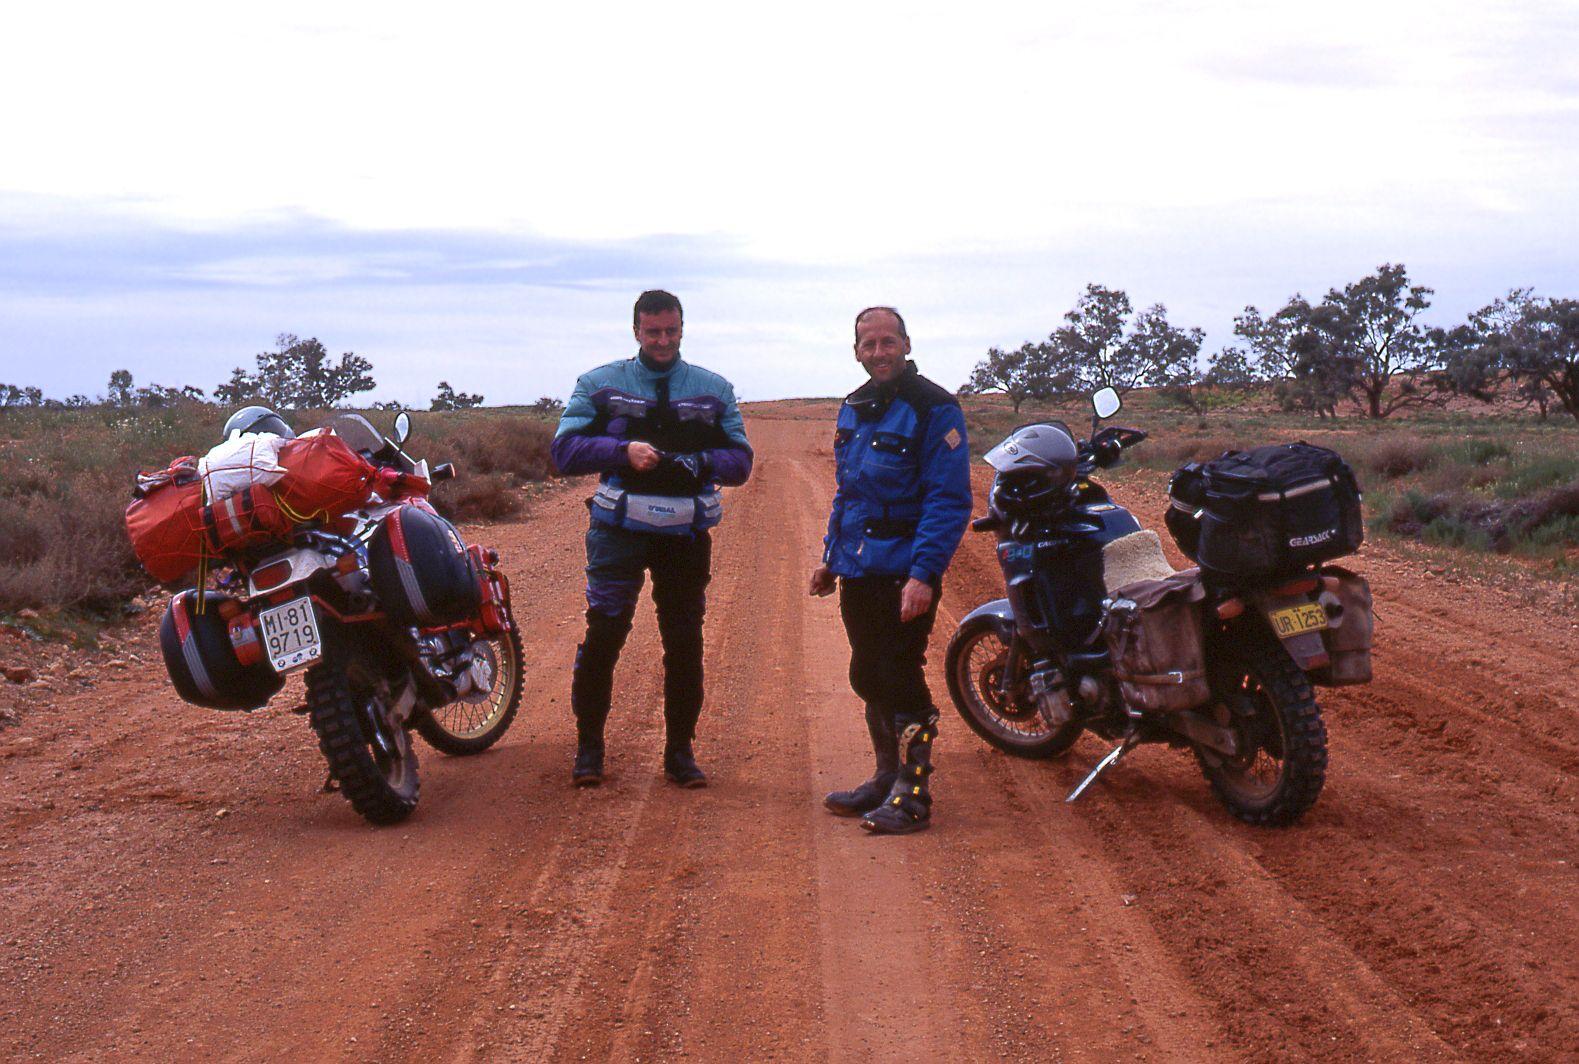 Incontro con motociclista locale su una pista australiana